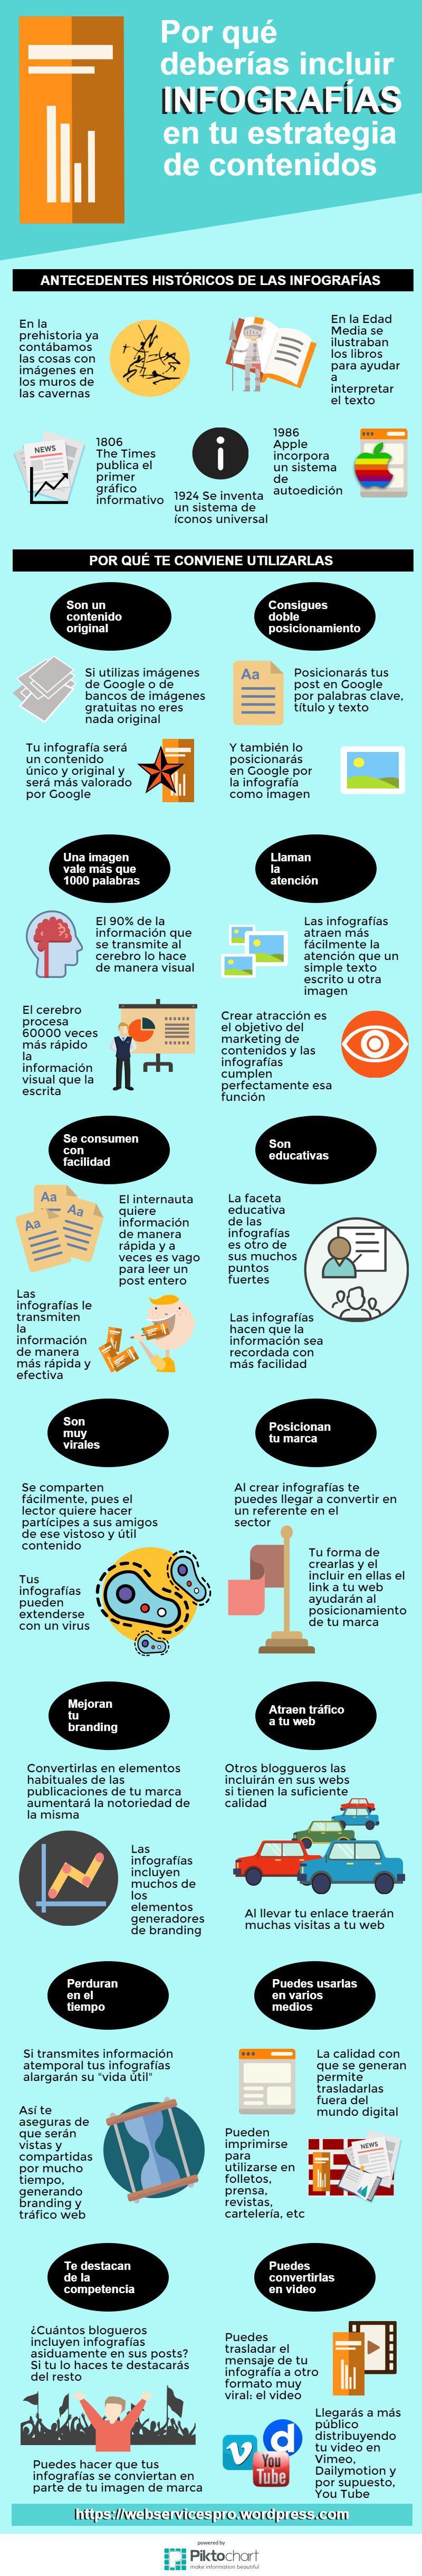 Por qué usar infografías en tu estrategia de contenidos